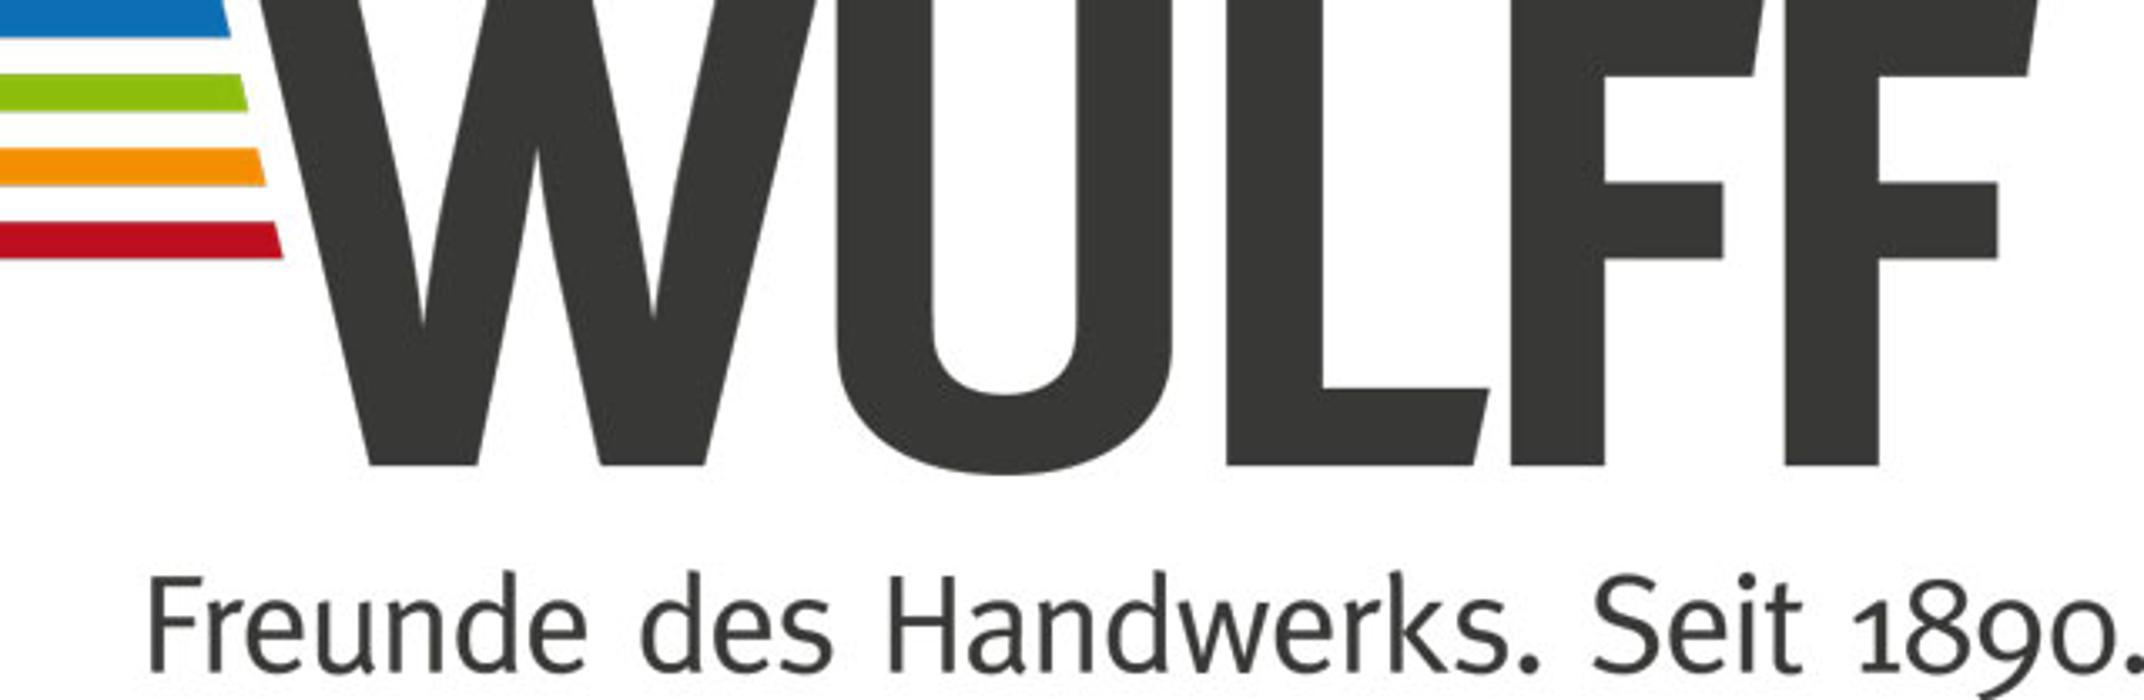 Wulff GmbH & Co. KG